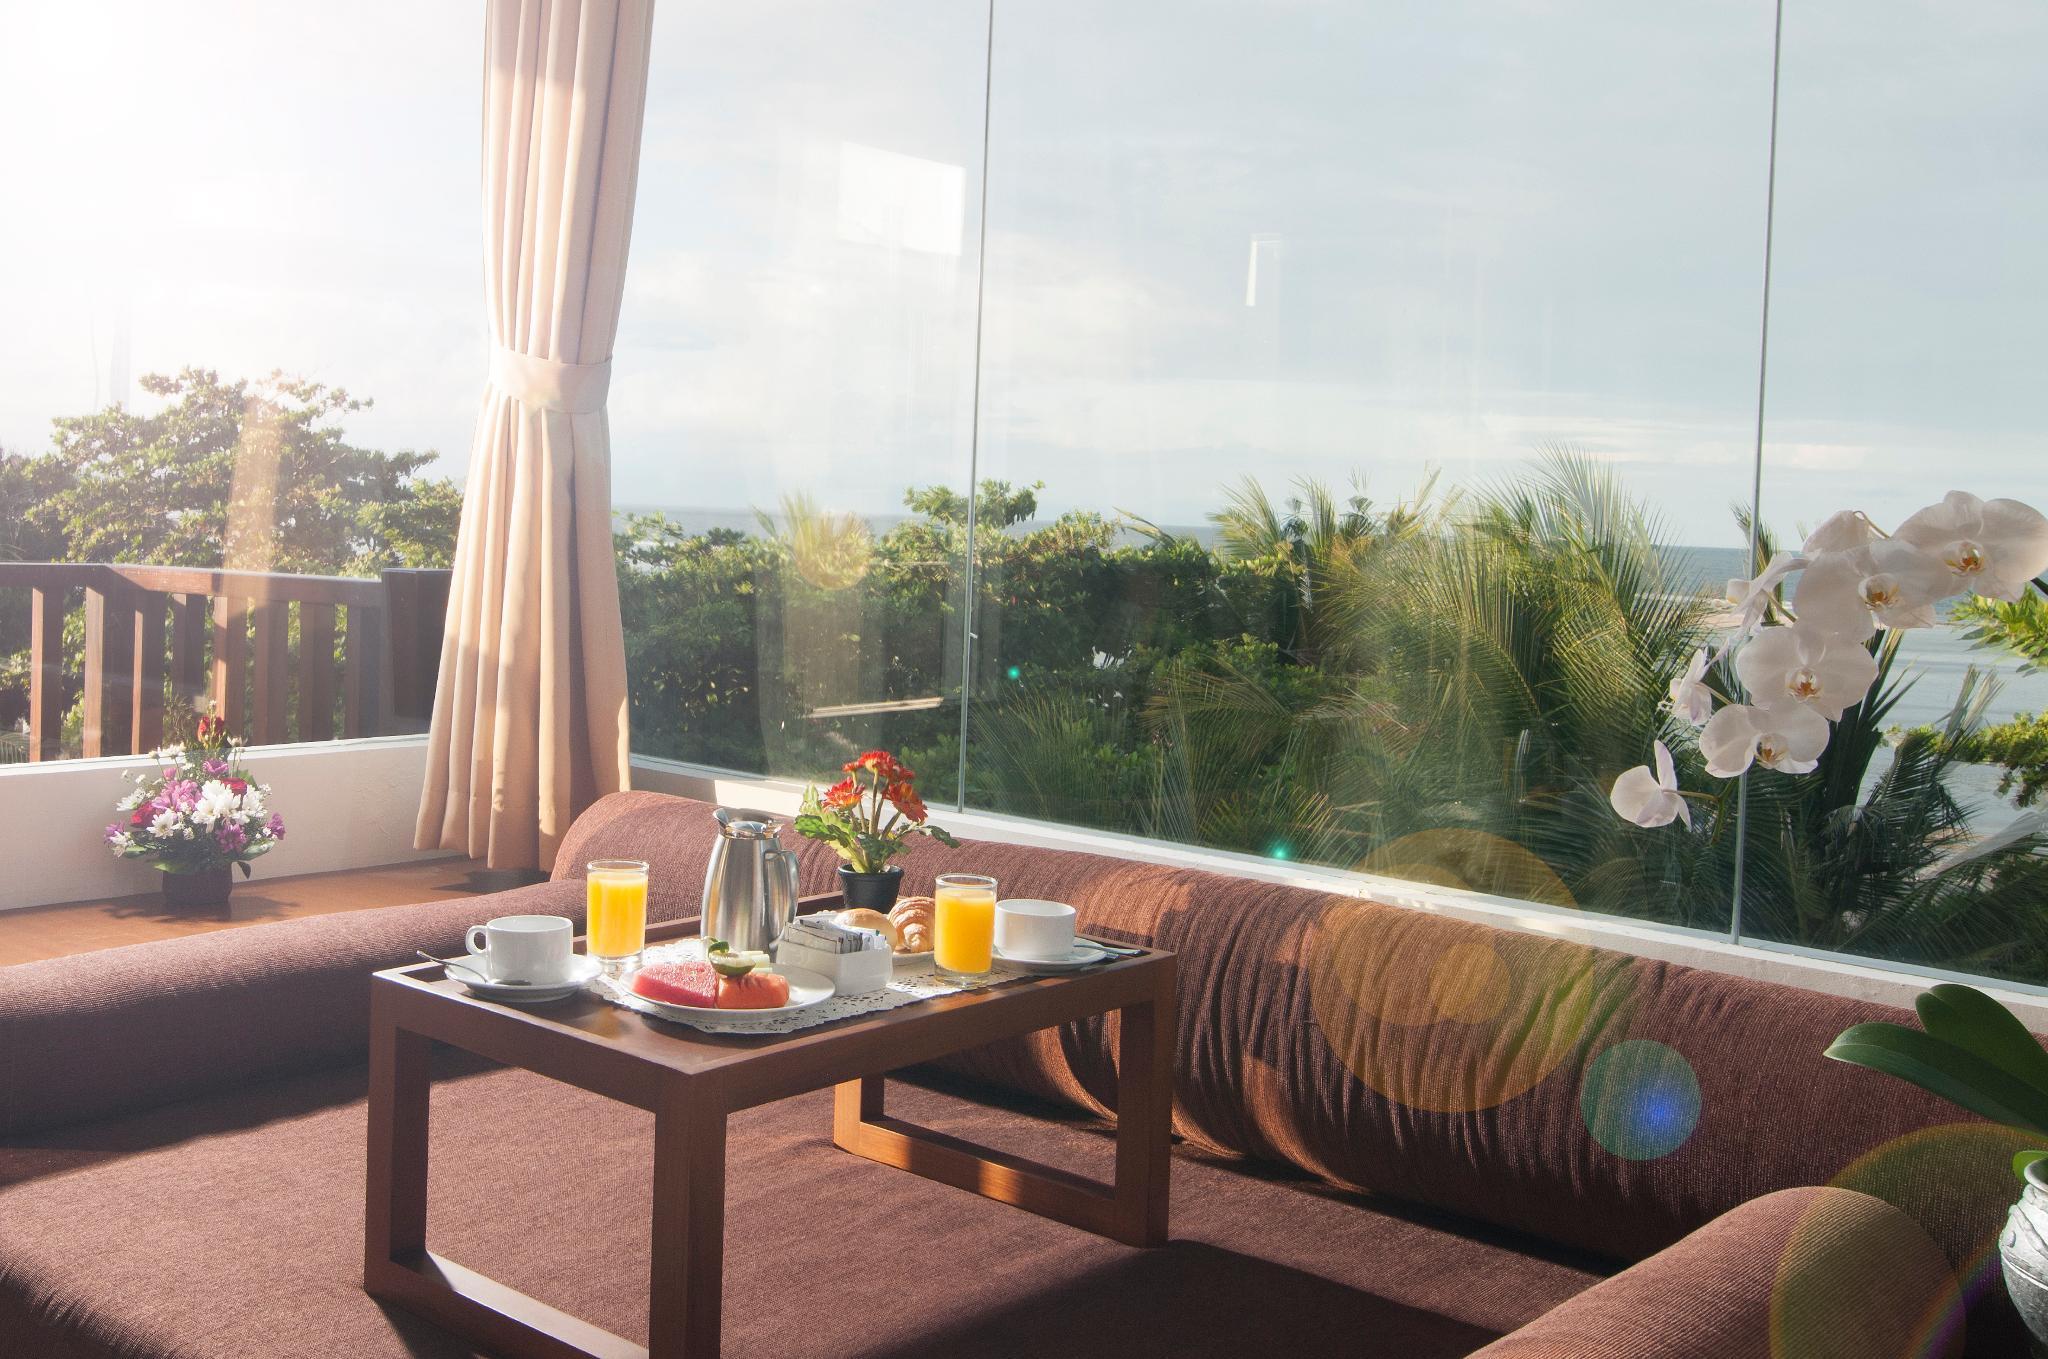 Bali Relaxing Resort